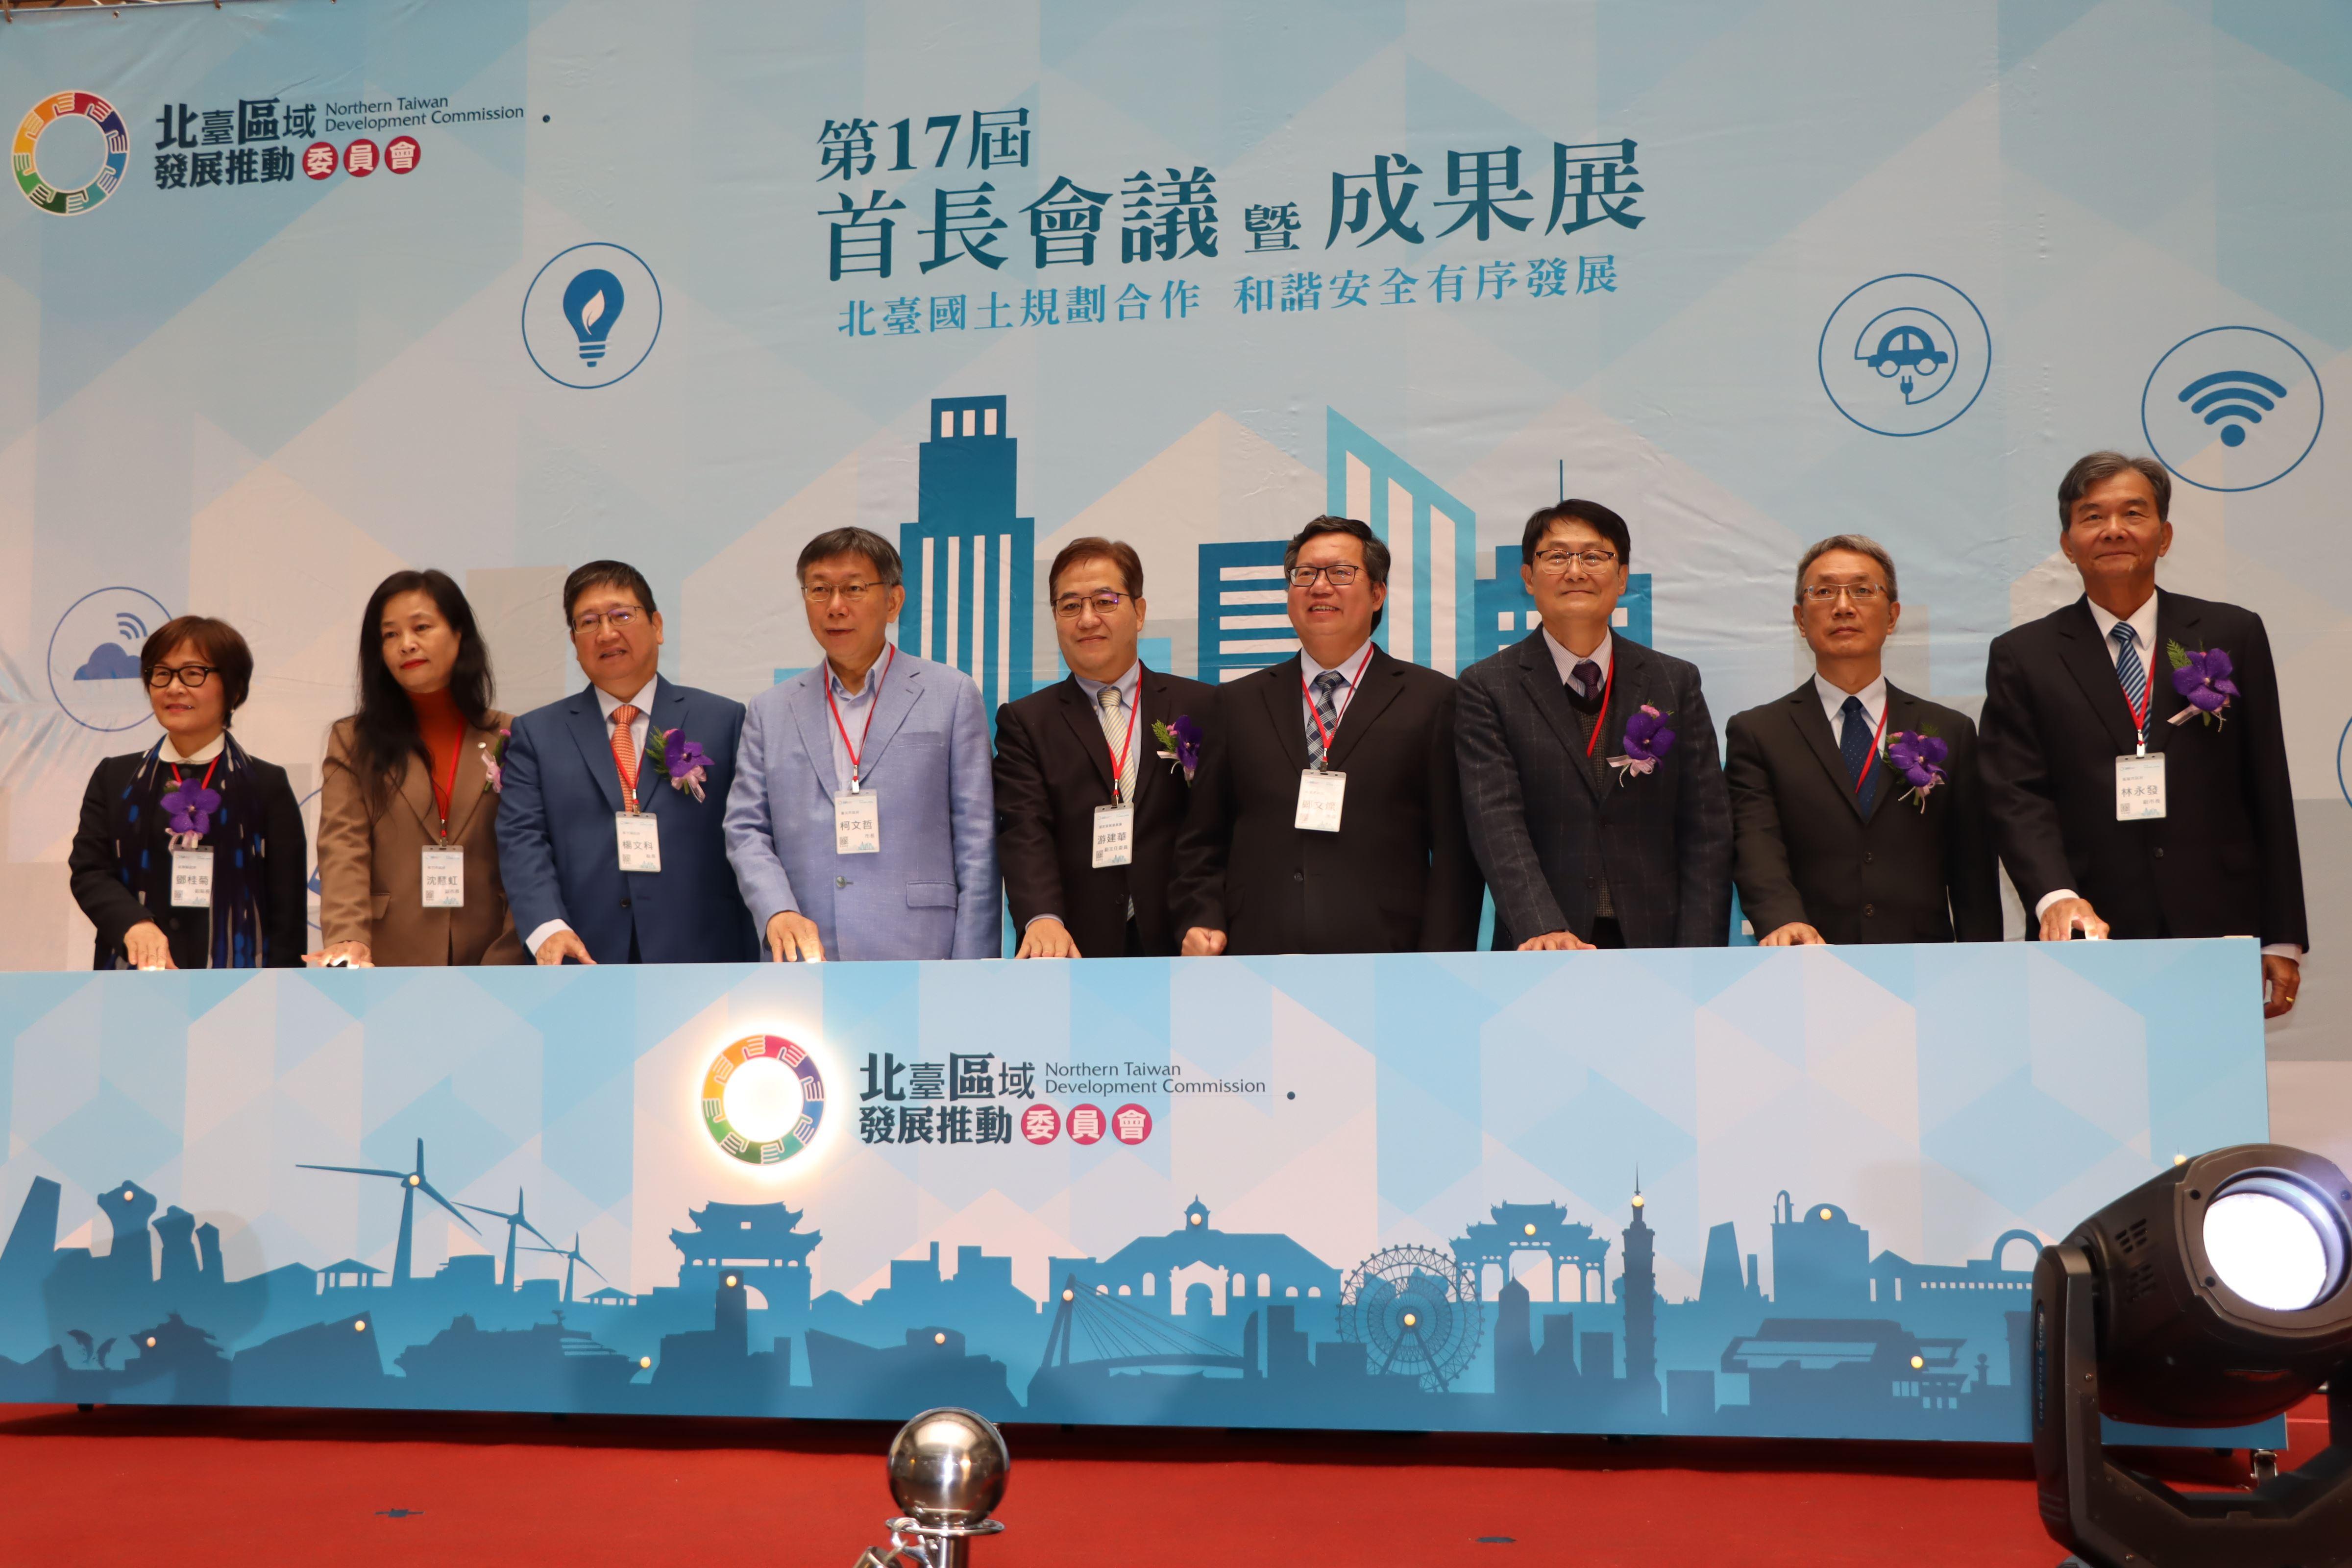 北臺委員會8縣市首長會議展現國土規畫合作成果